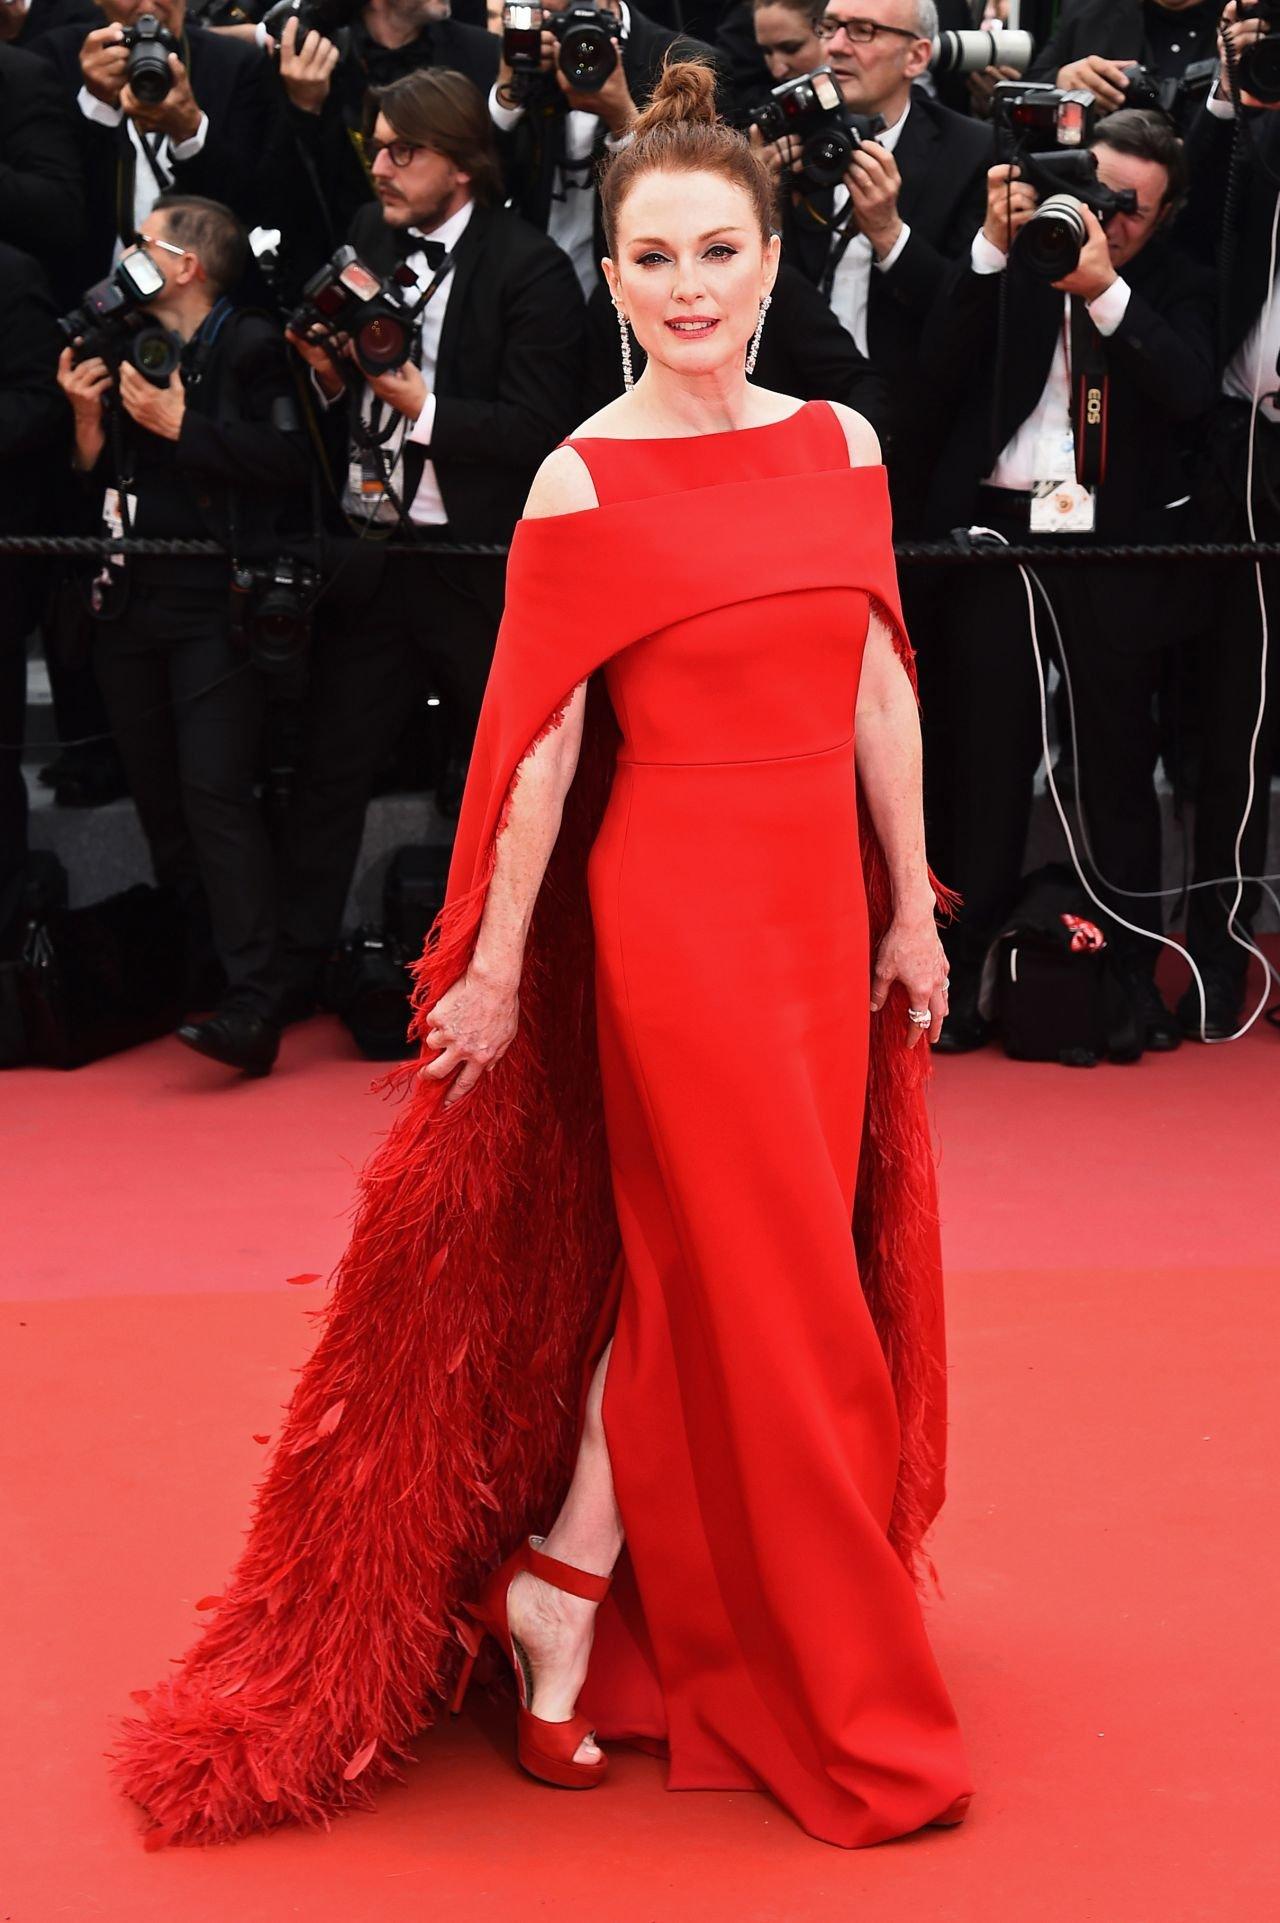 Джулианна Мур в роскошном алом наряде на дорожке Каннского кинофестиваля